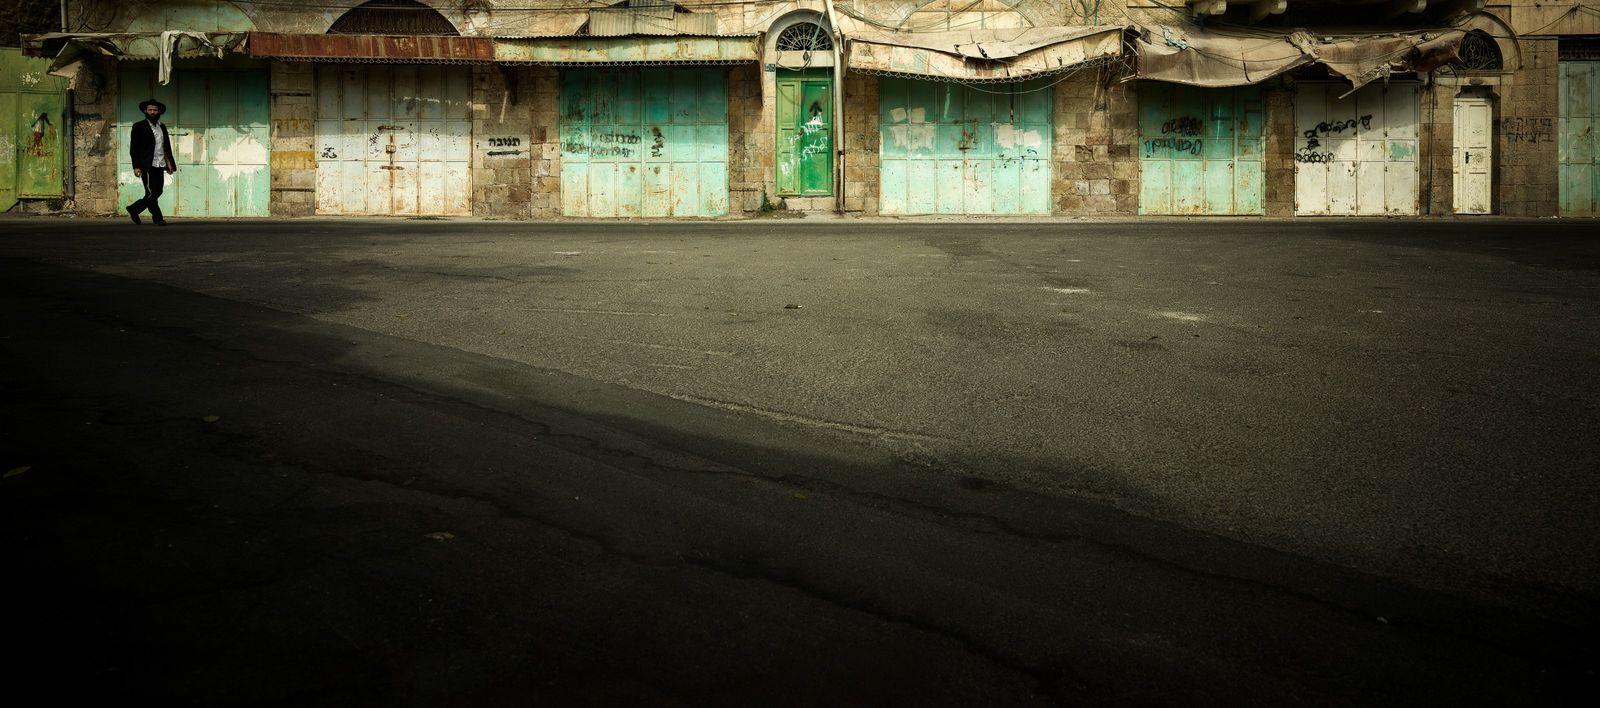 Marcheur solitaire de la rue Al-Shuhada, Vieille Ville d'Hébron, Patrimoine Mondial de l'Unesco, Palestine, 2018.  Autrefois lieu du ...